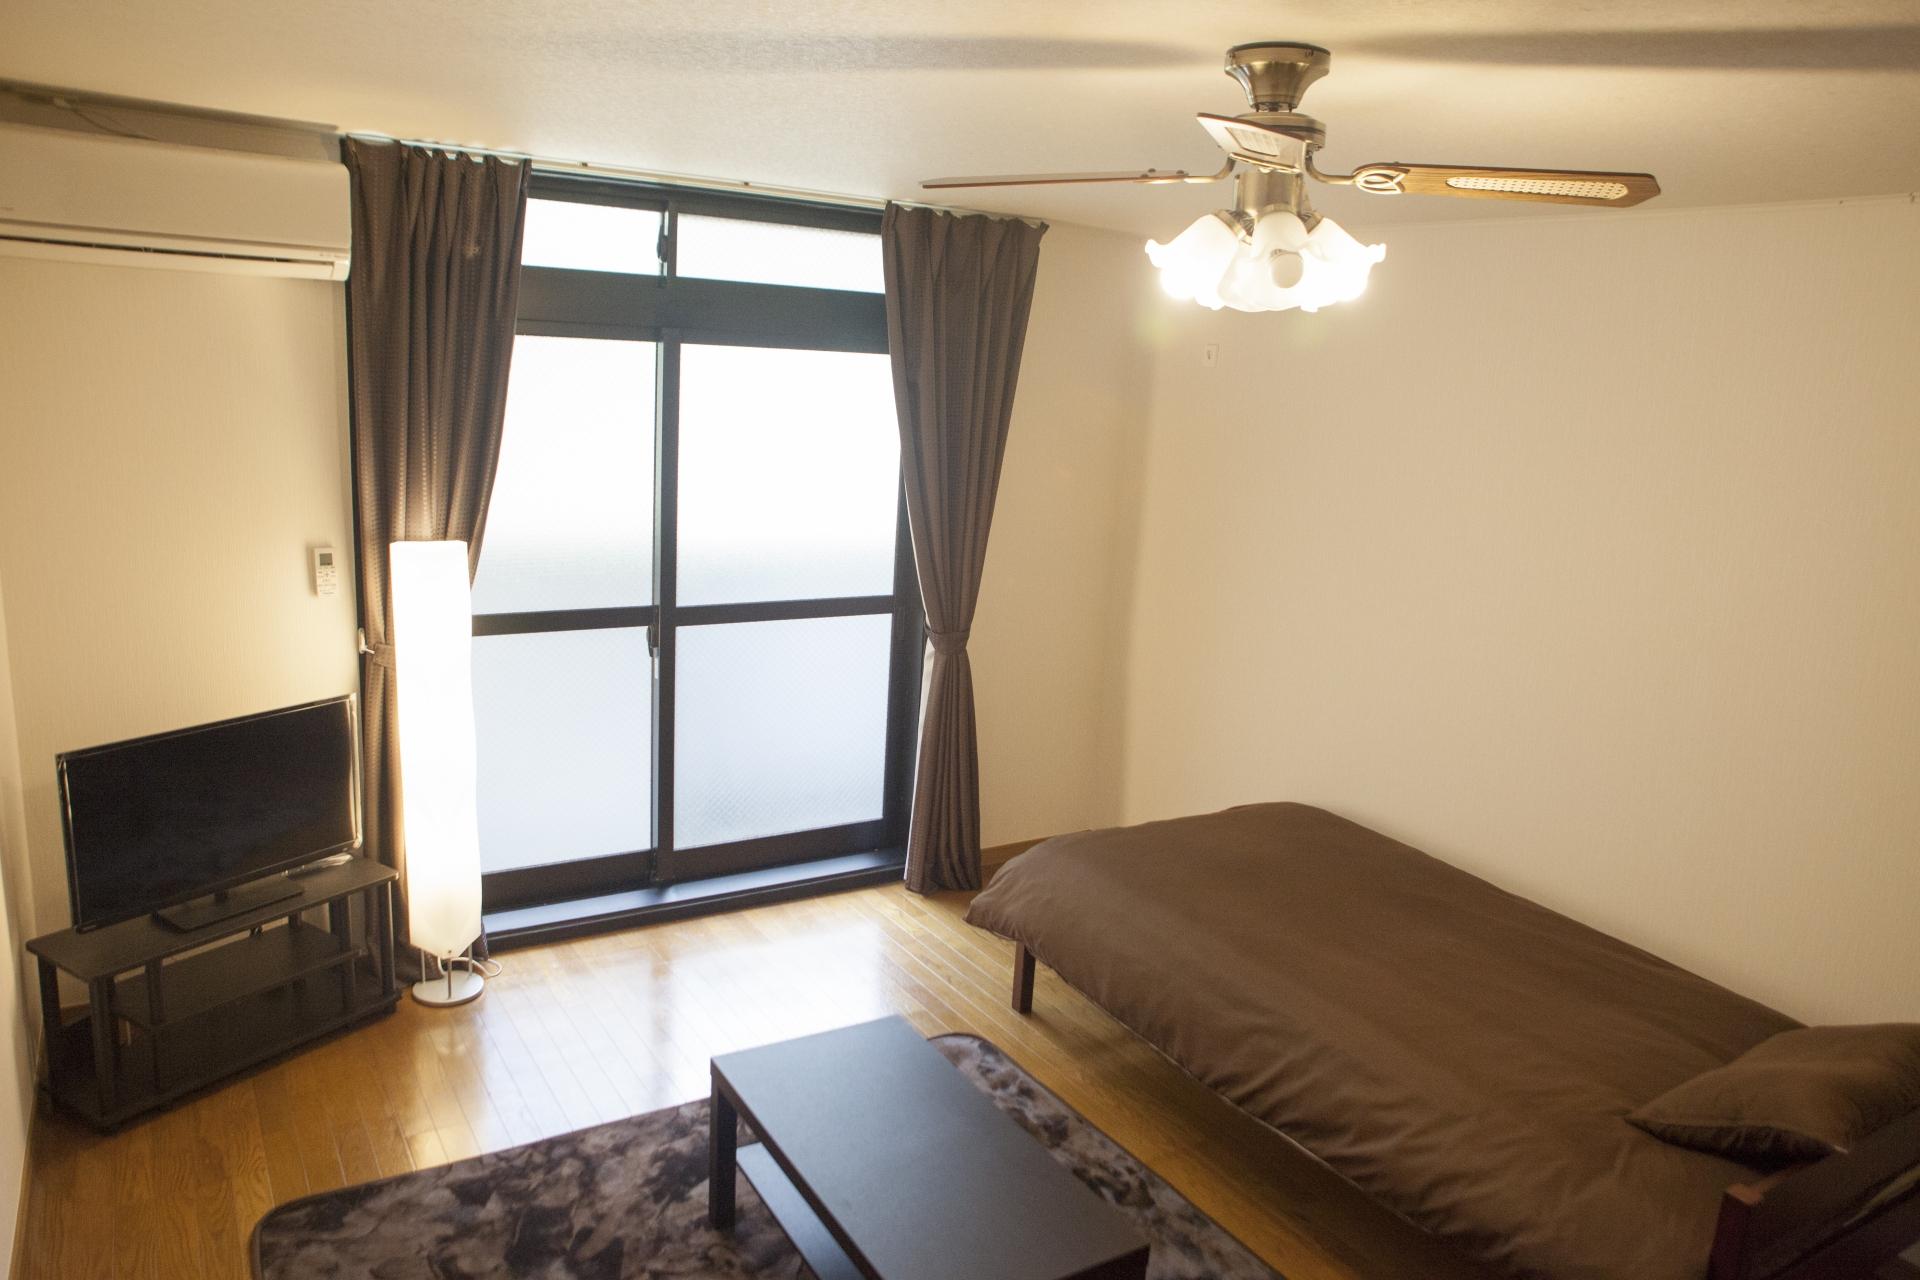 週3~勤務の寮完備・住み込み求人も意外とあるというお話